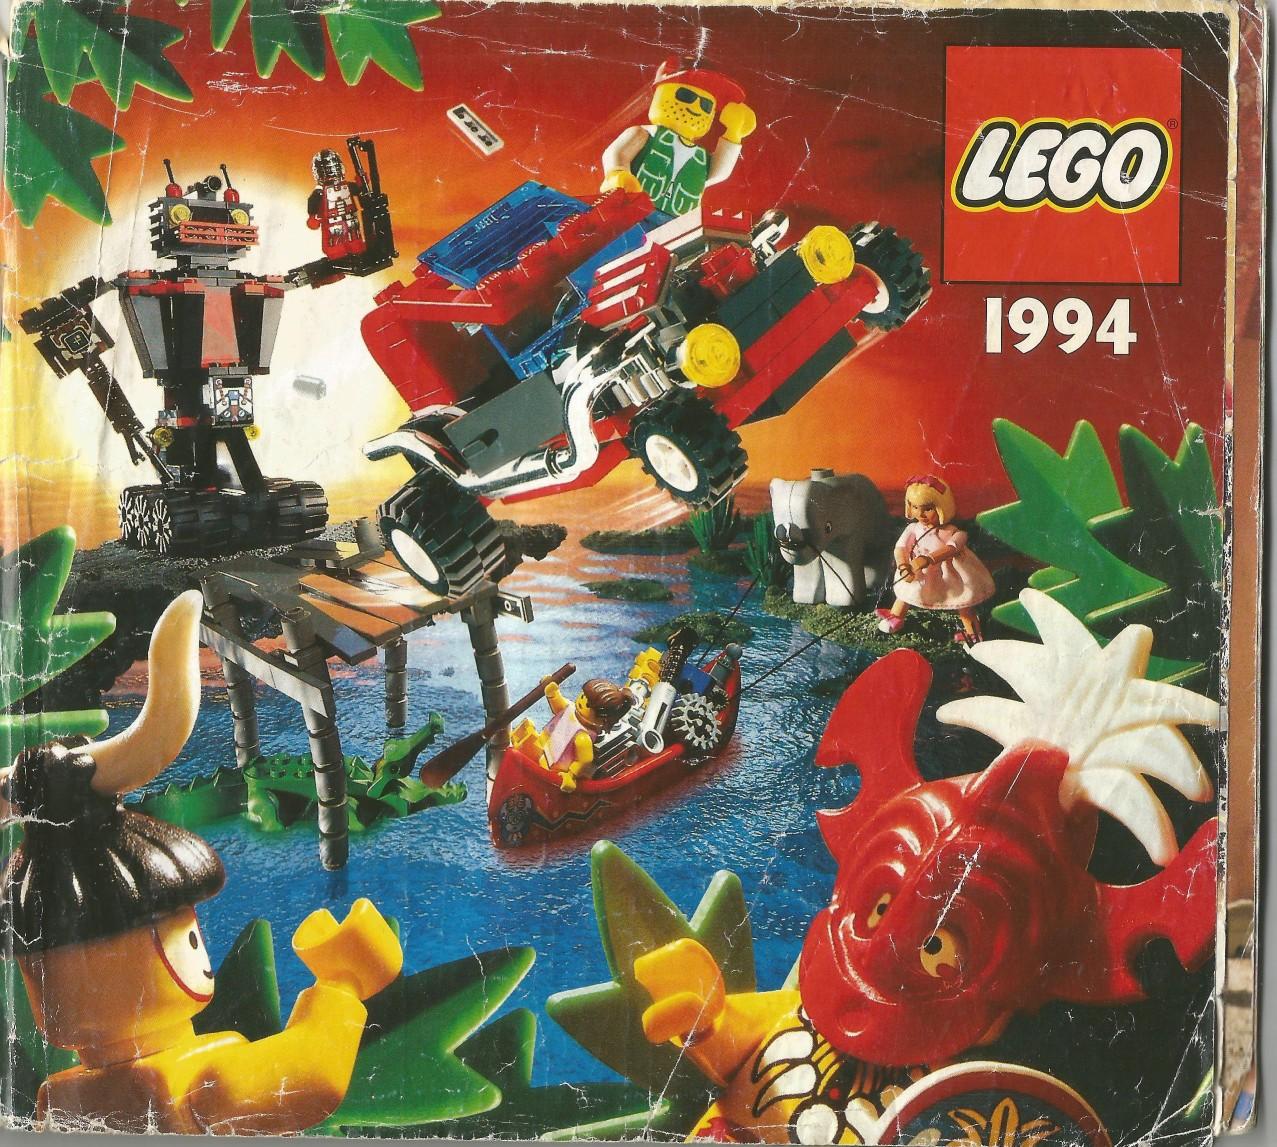 Egy jó kis magyar Lego katalógus 1994-ből